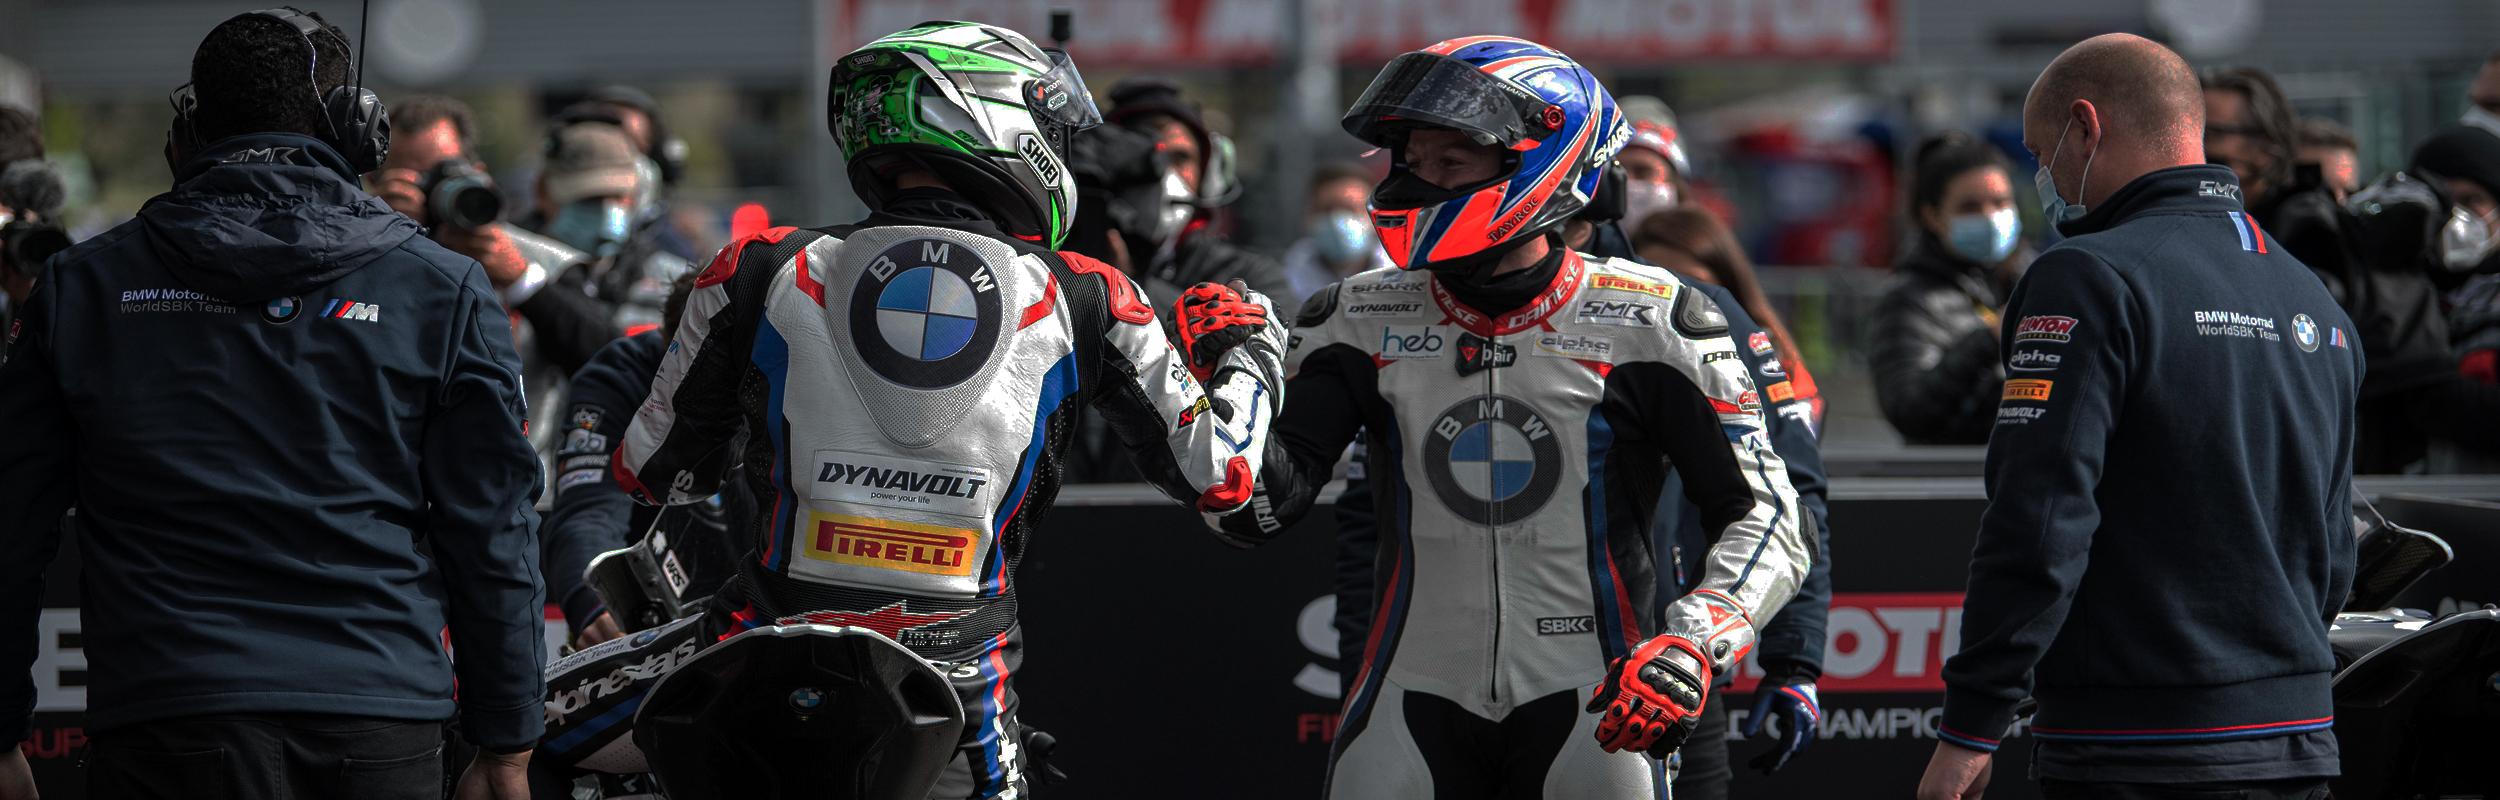 Bmw motorrad superbike partner container.biz